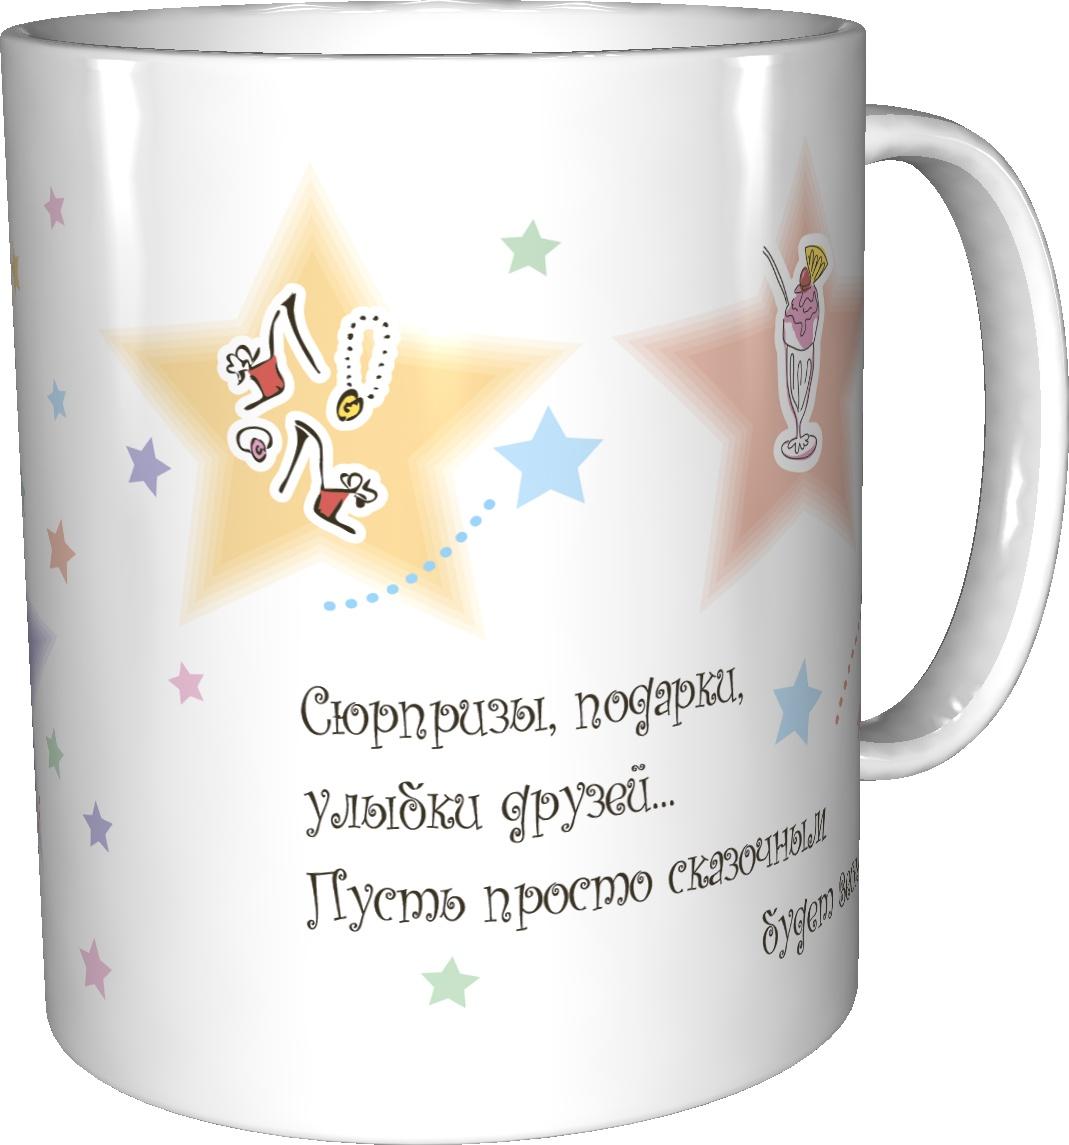 окрашены подарок чашка с поздравлением в прозе кстате просто, вкусно